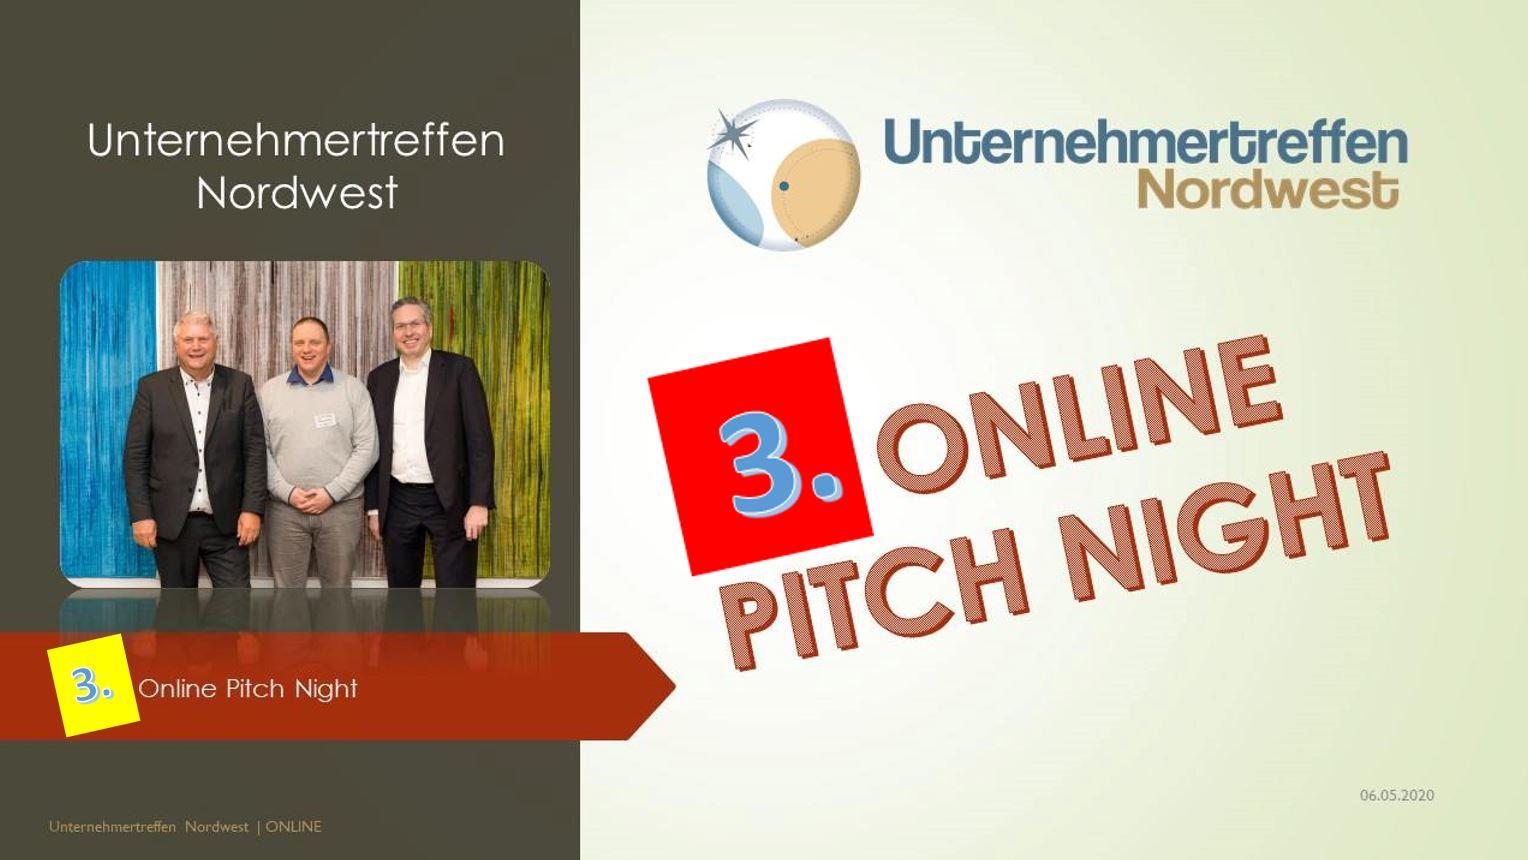 Unternehmertreffen Nordwest Pitch Night 3